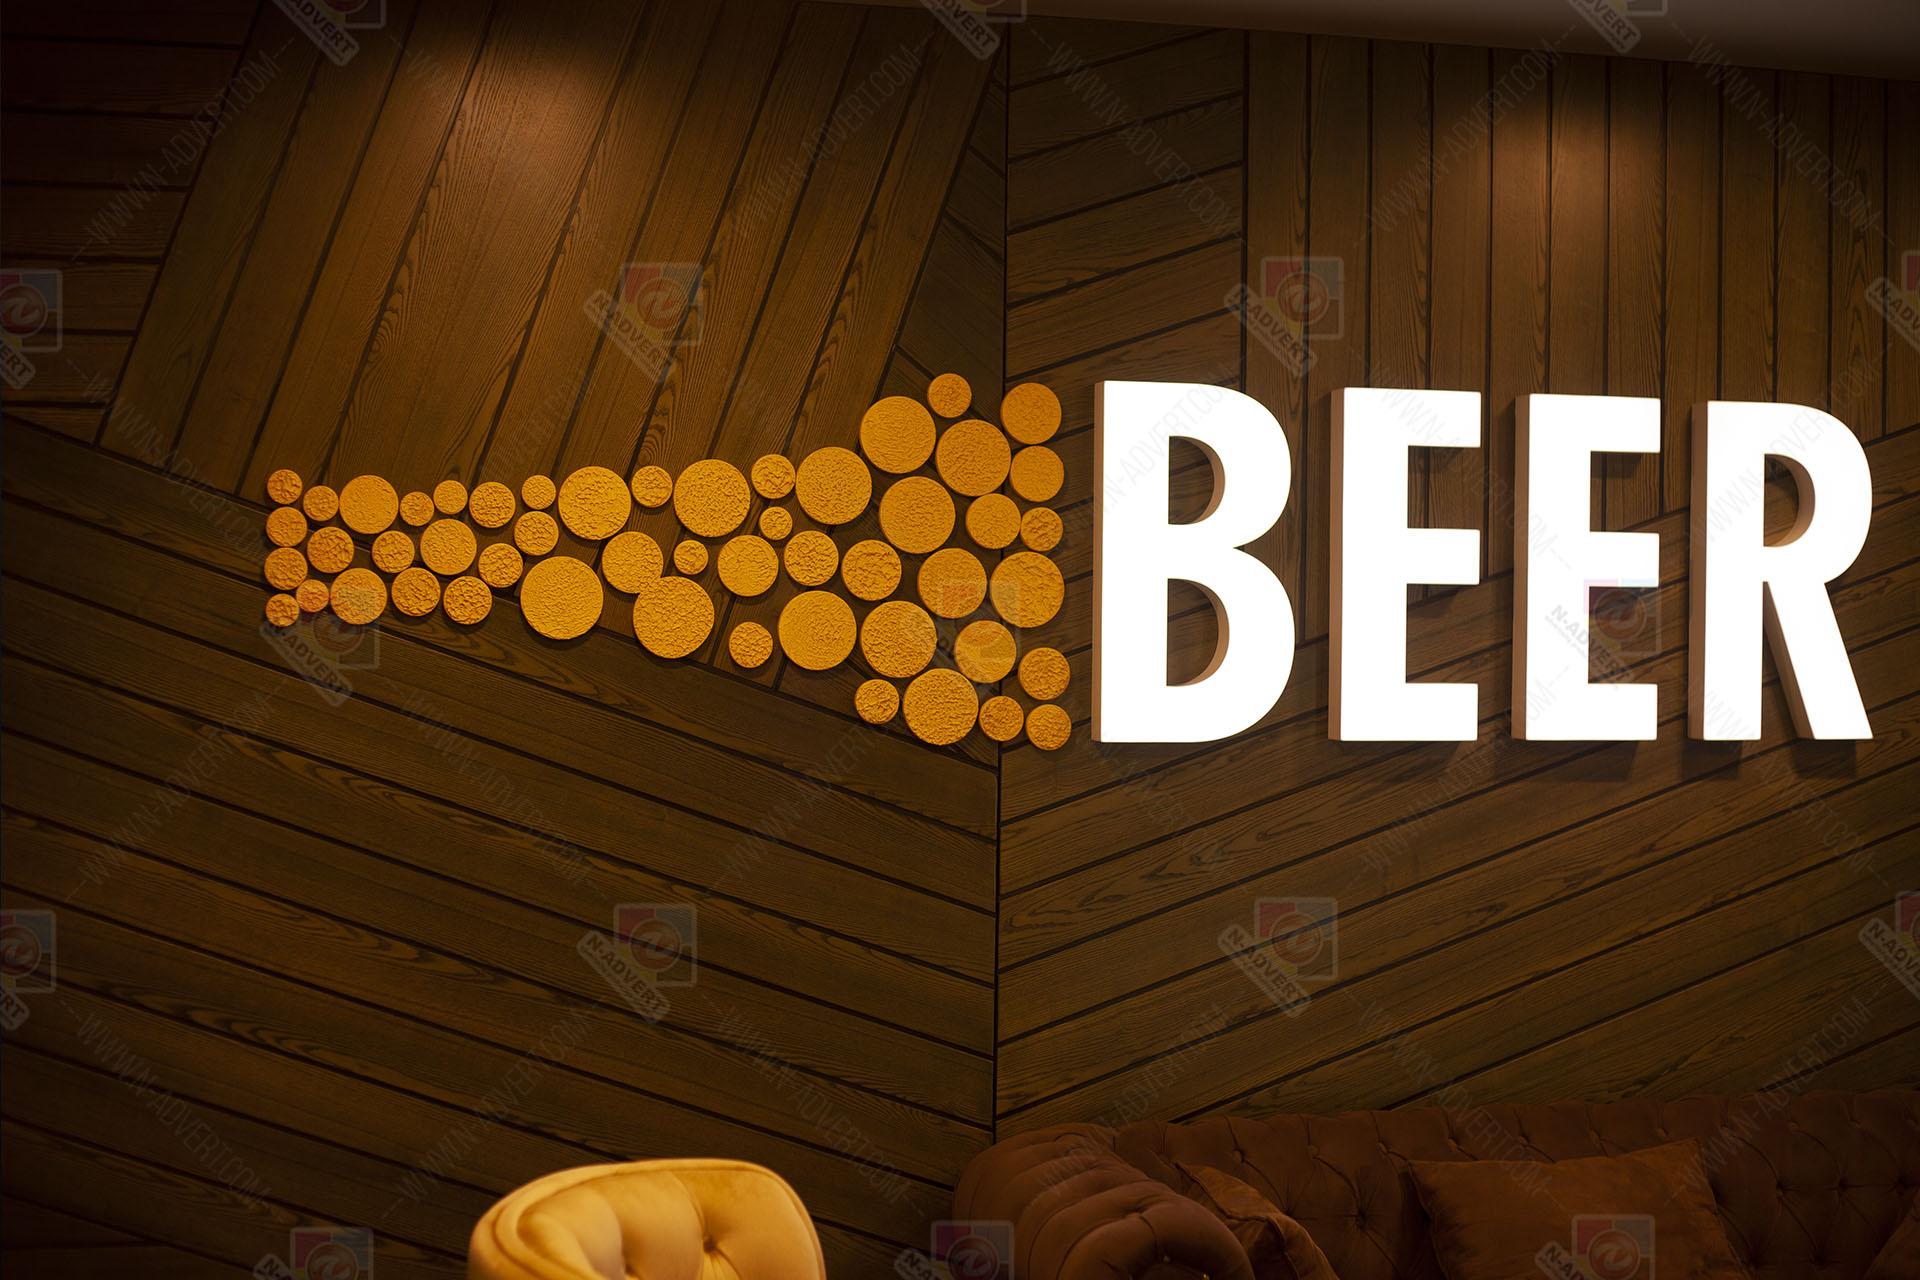 Beer 1920x1280